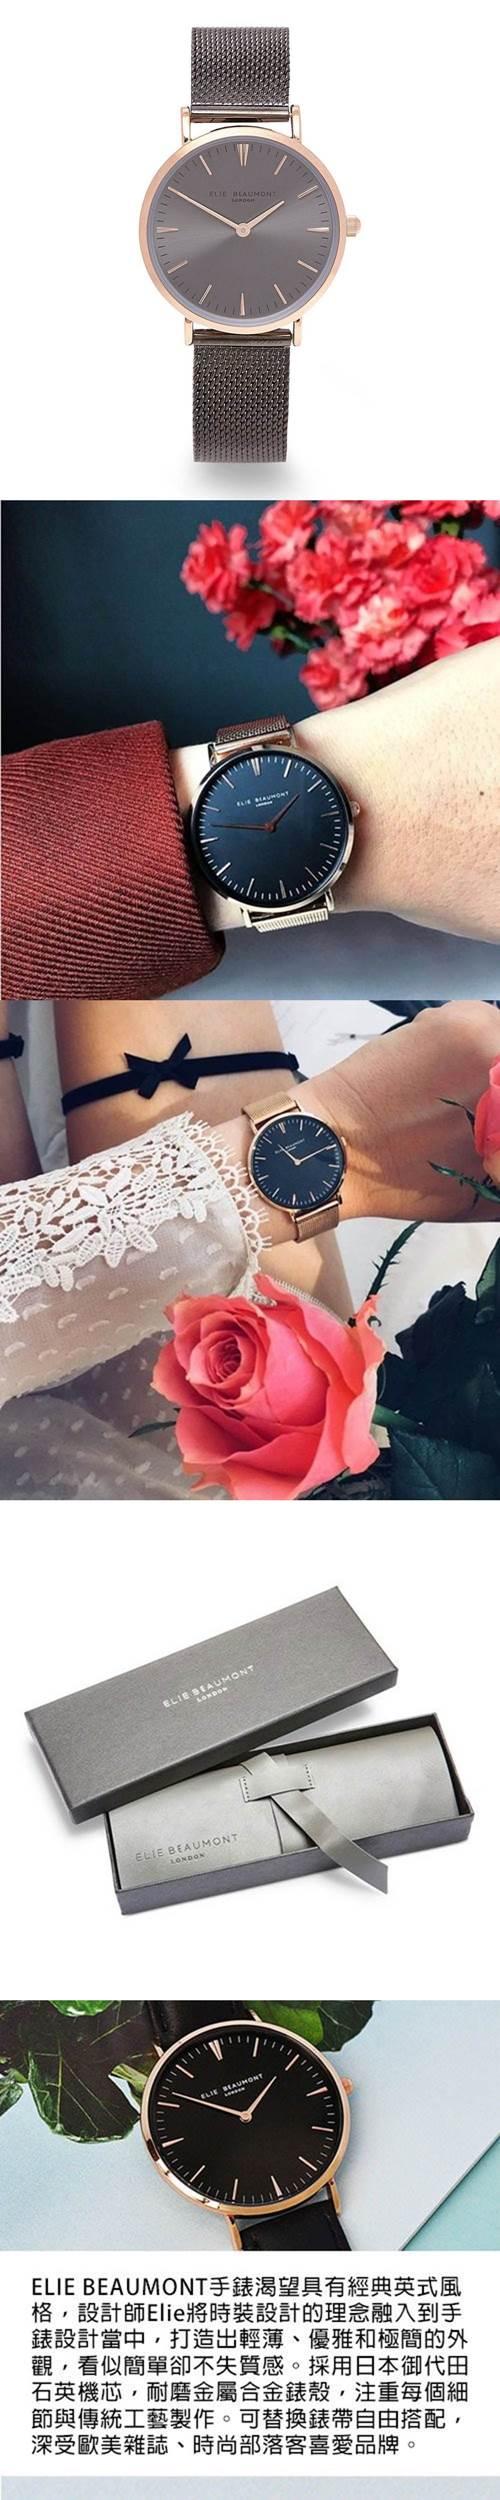 Elie Beaumont 英國時尚手錶 牛津米蘭錶帶系列 深灰色錶盤錶帶x玫瑰金錶框33mm